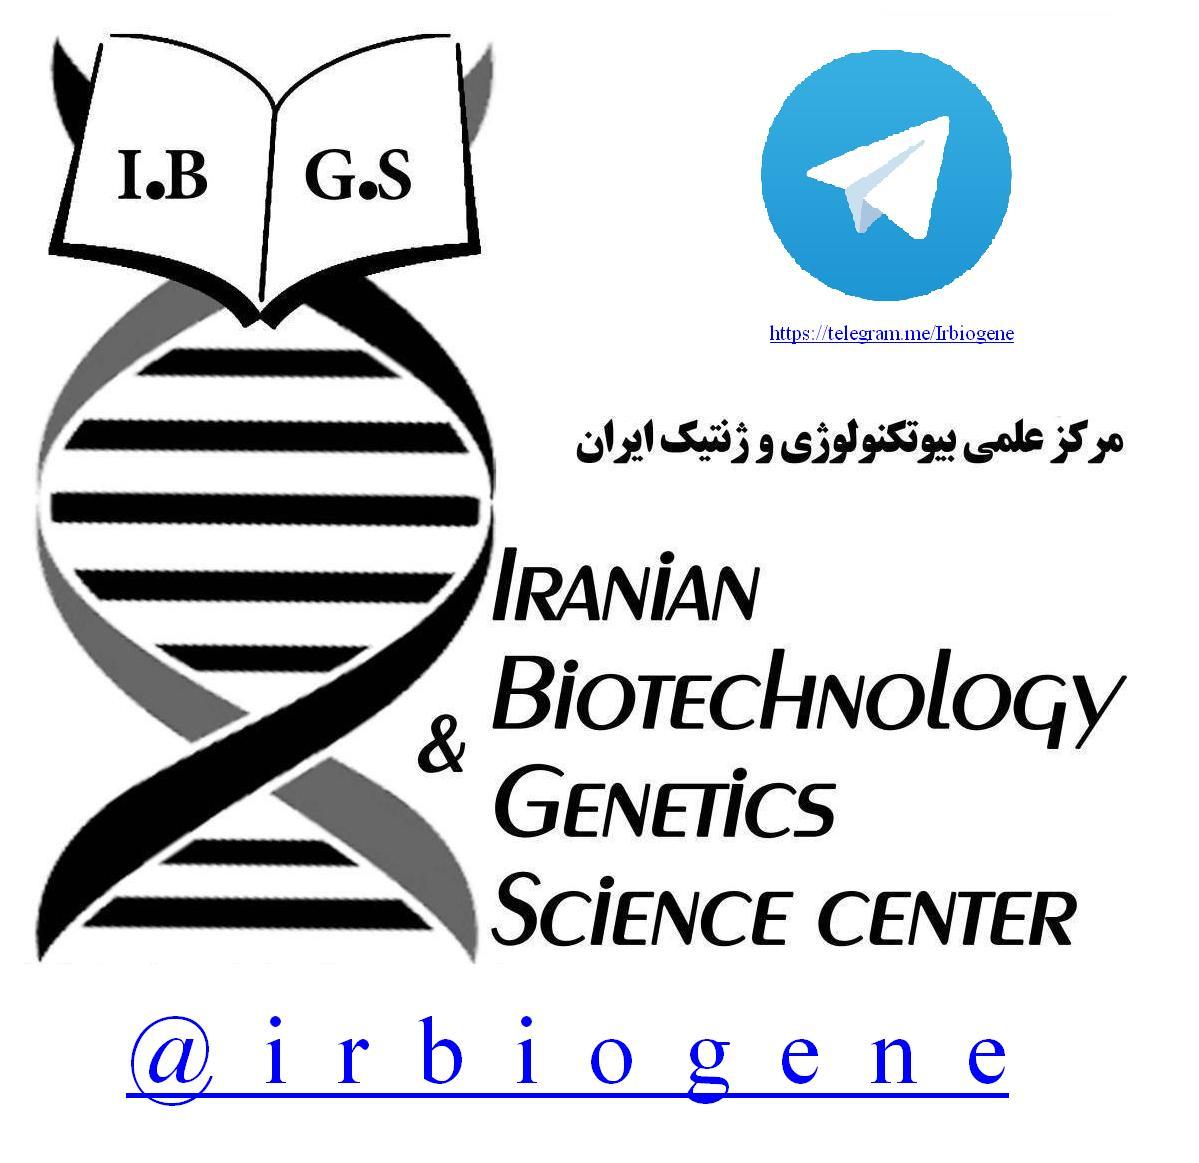 کانال تلگرام ژنتیک